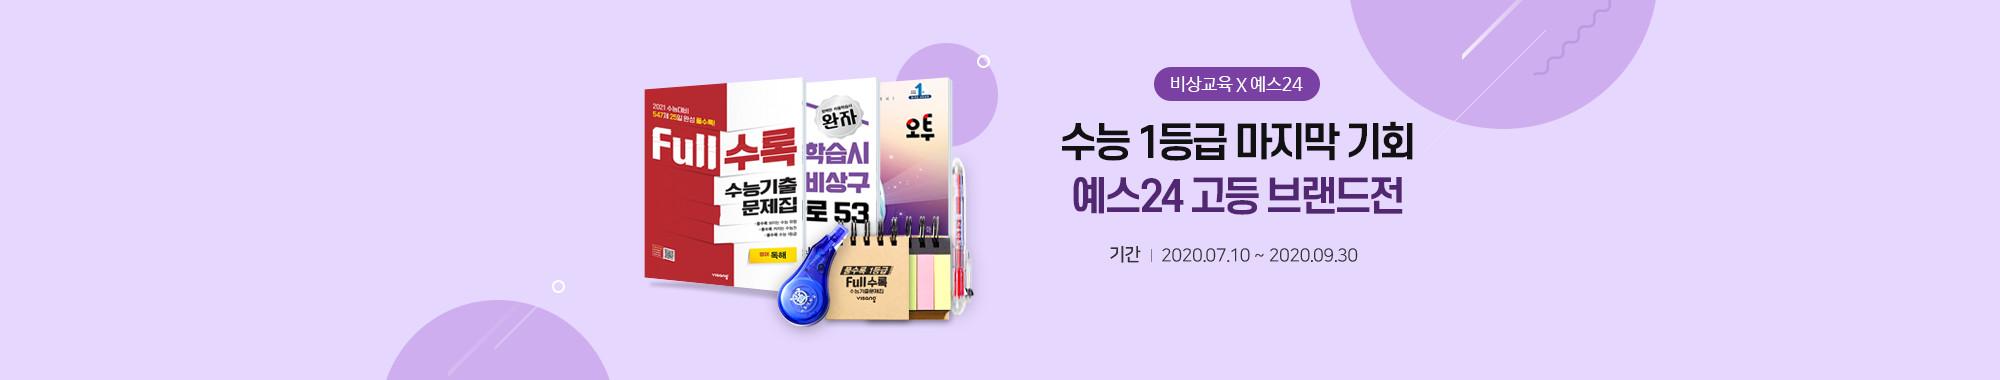 도서 1권/2만원/3만원 이상 구매 시 Full수록 사은품 증정